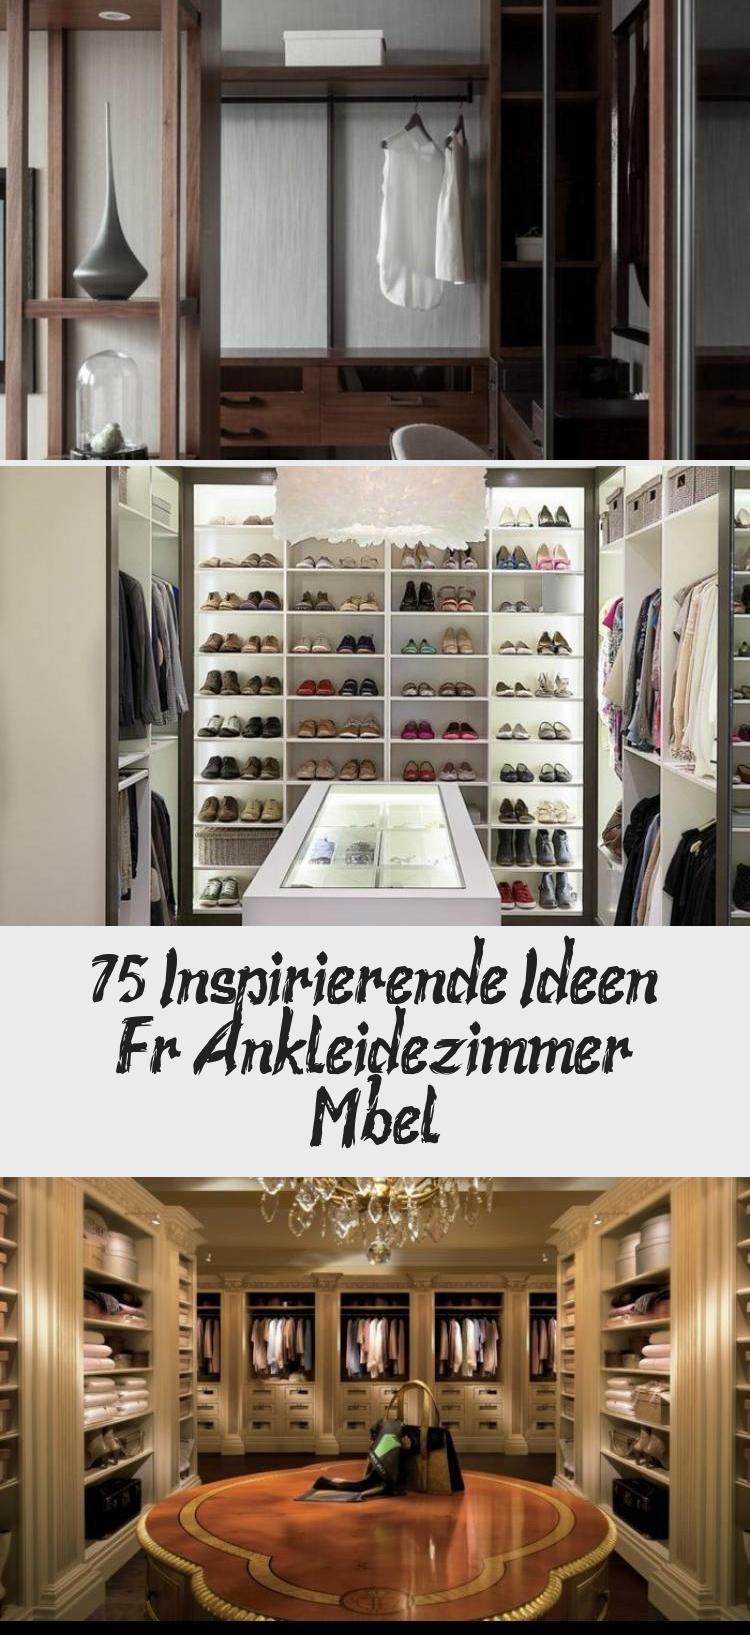 75 Inspirierende Ideen Fur Ankleidezimmer Mobel Ankleide Zimmer Ankleidezimmer Ankleide